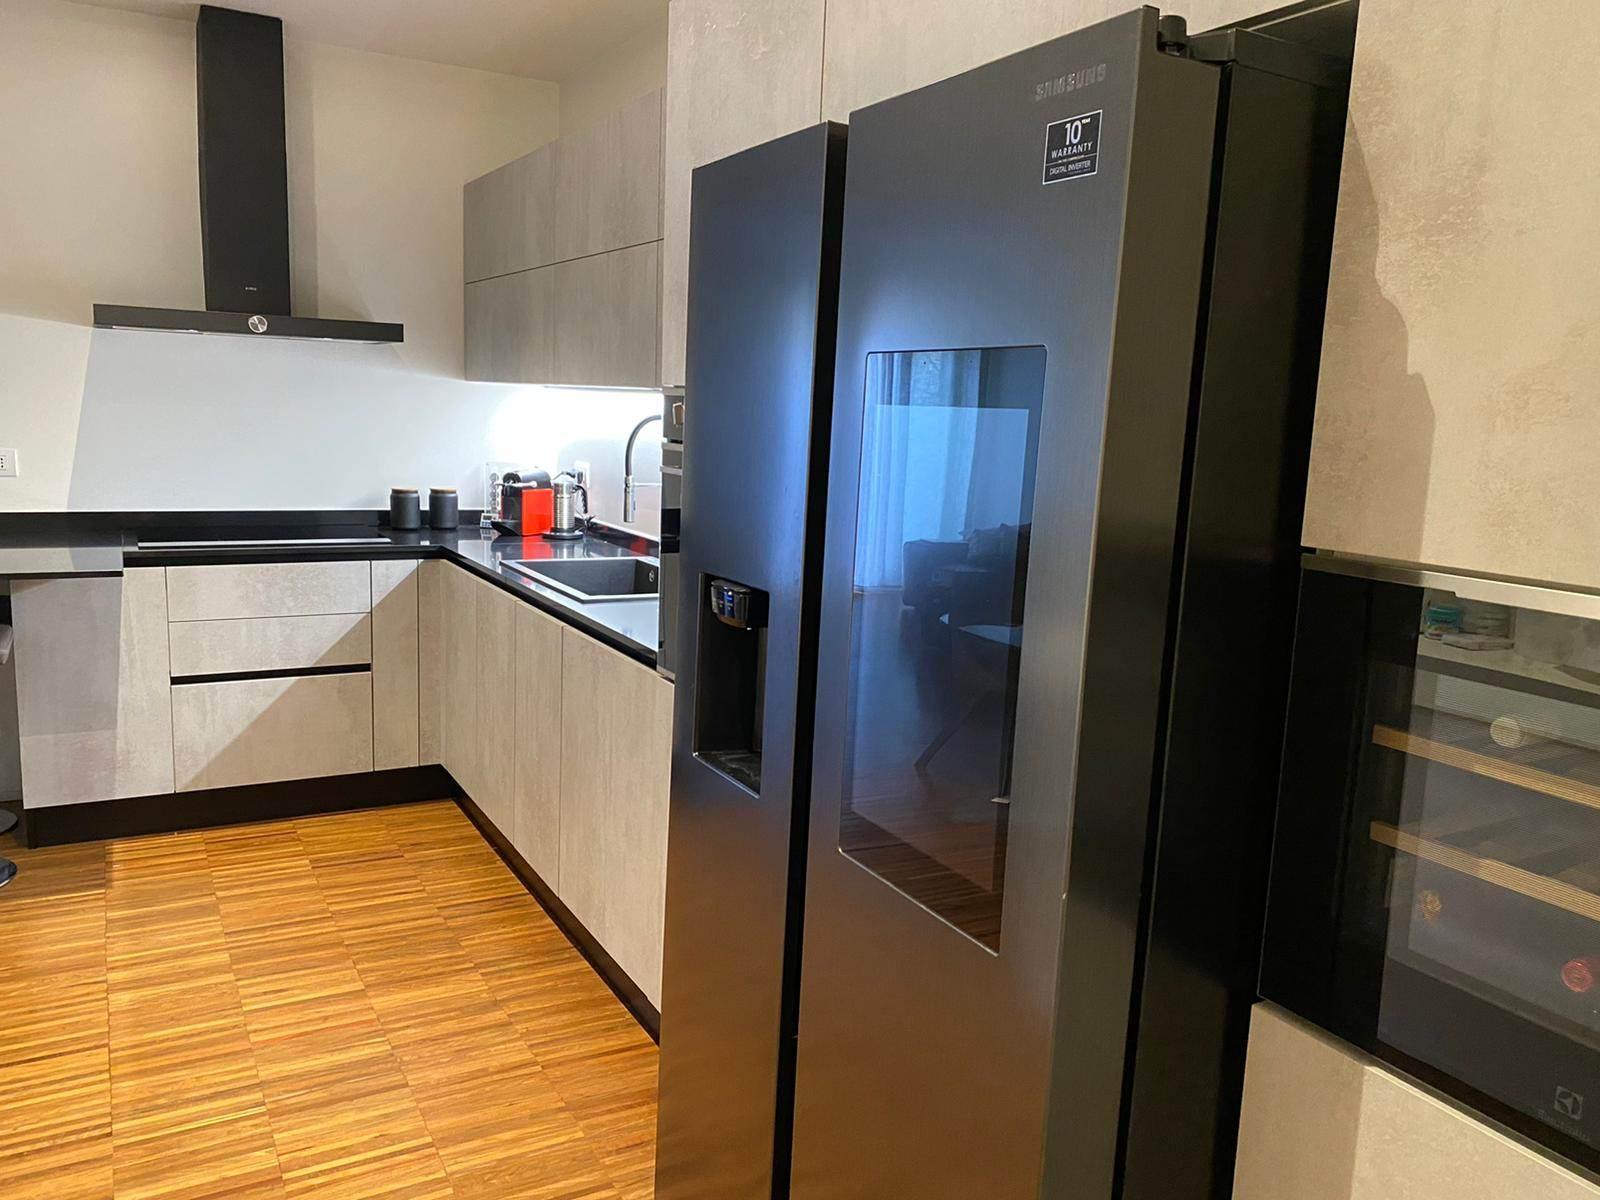 Appartamento-in-vendita-3-tre-locali-terrazzo-giardino-nuova-costruzione-spaziourbano-immobiliare-vende-milano-4